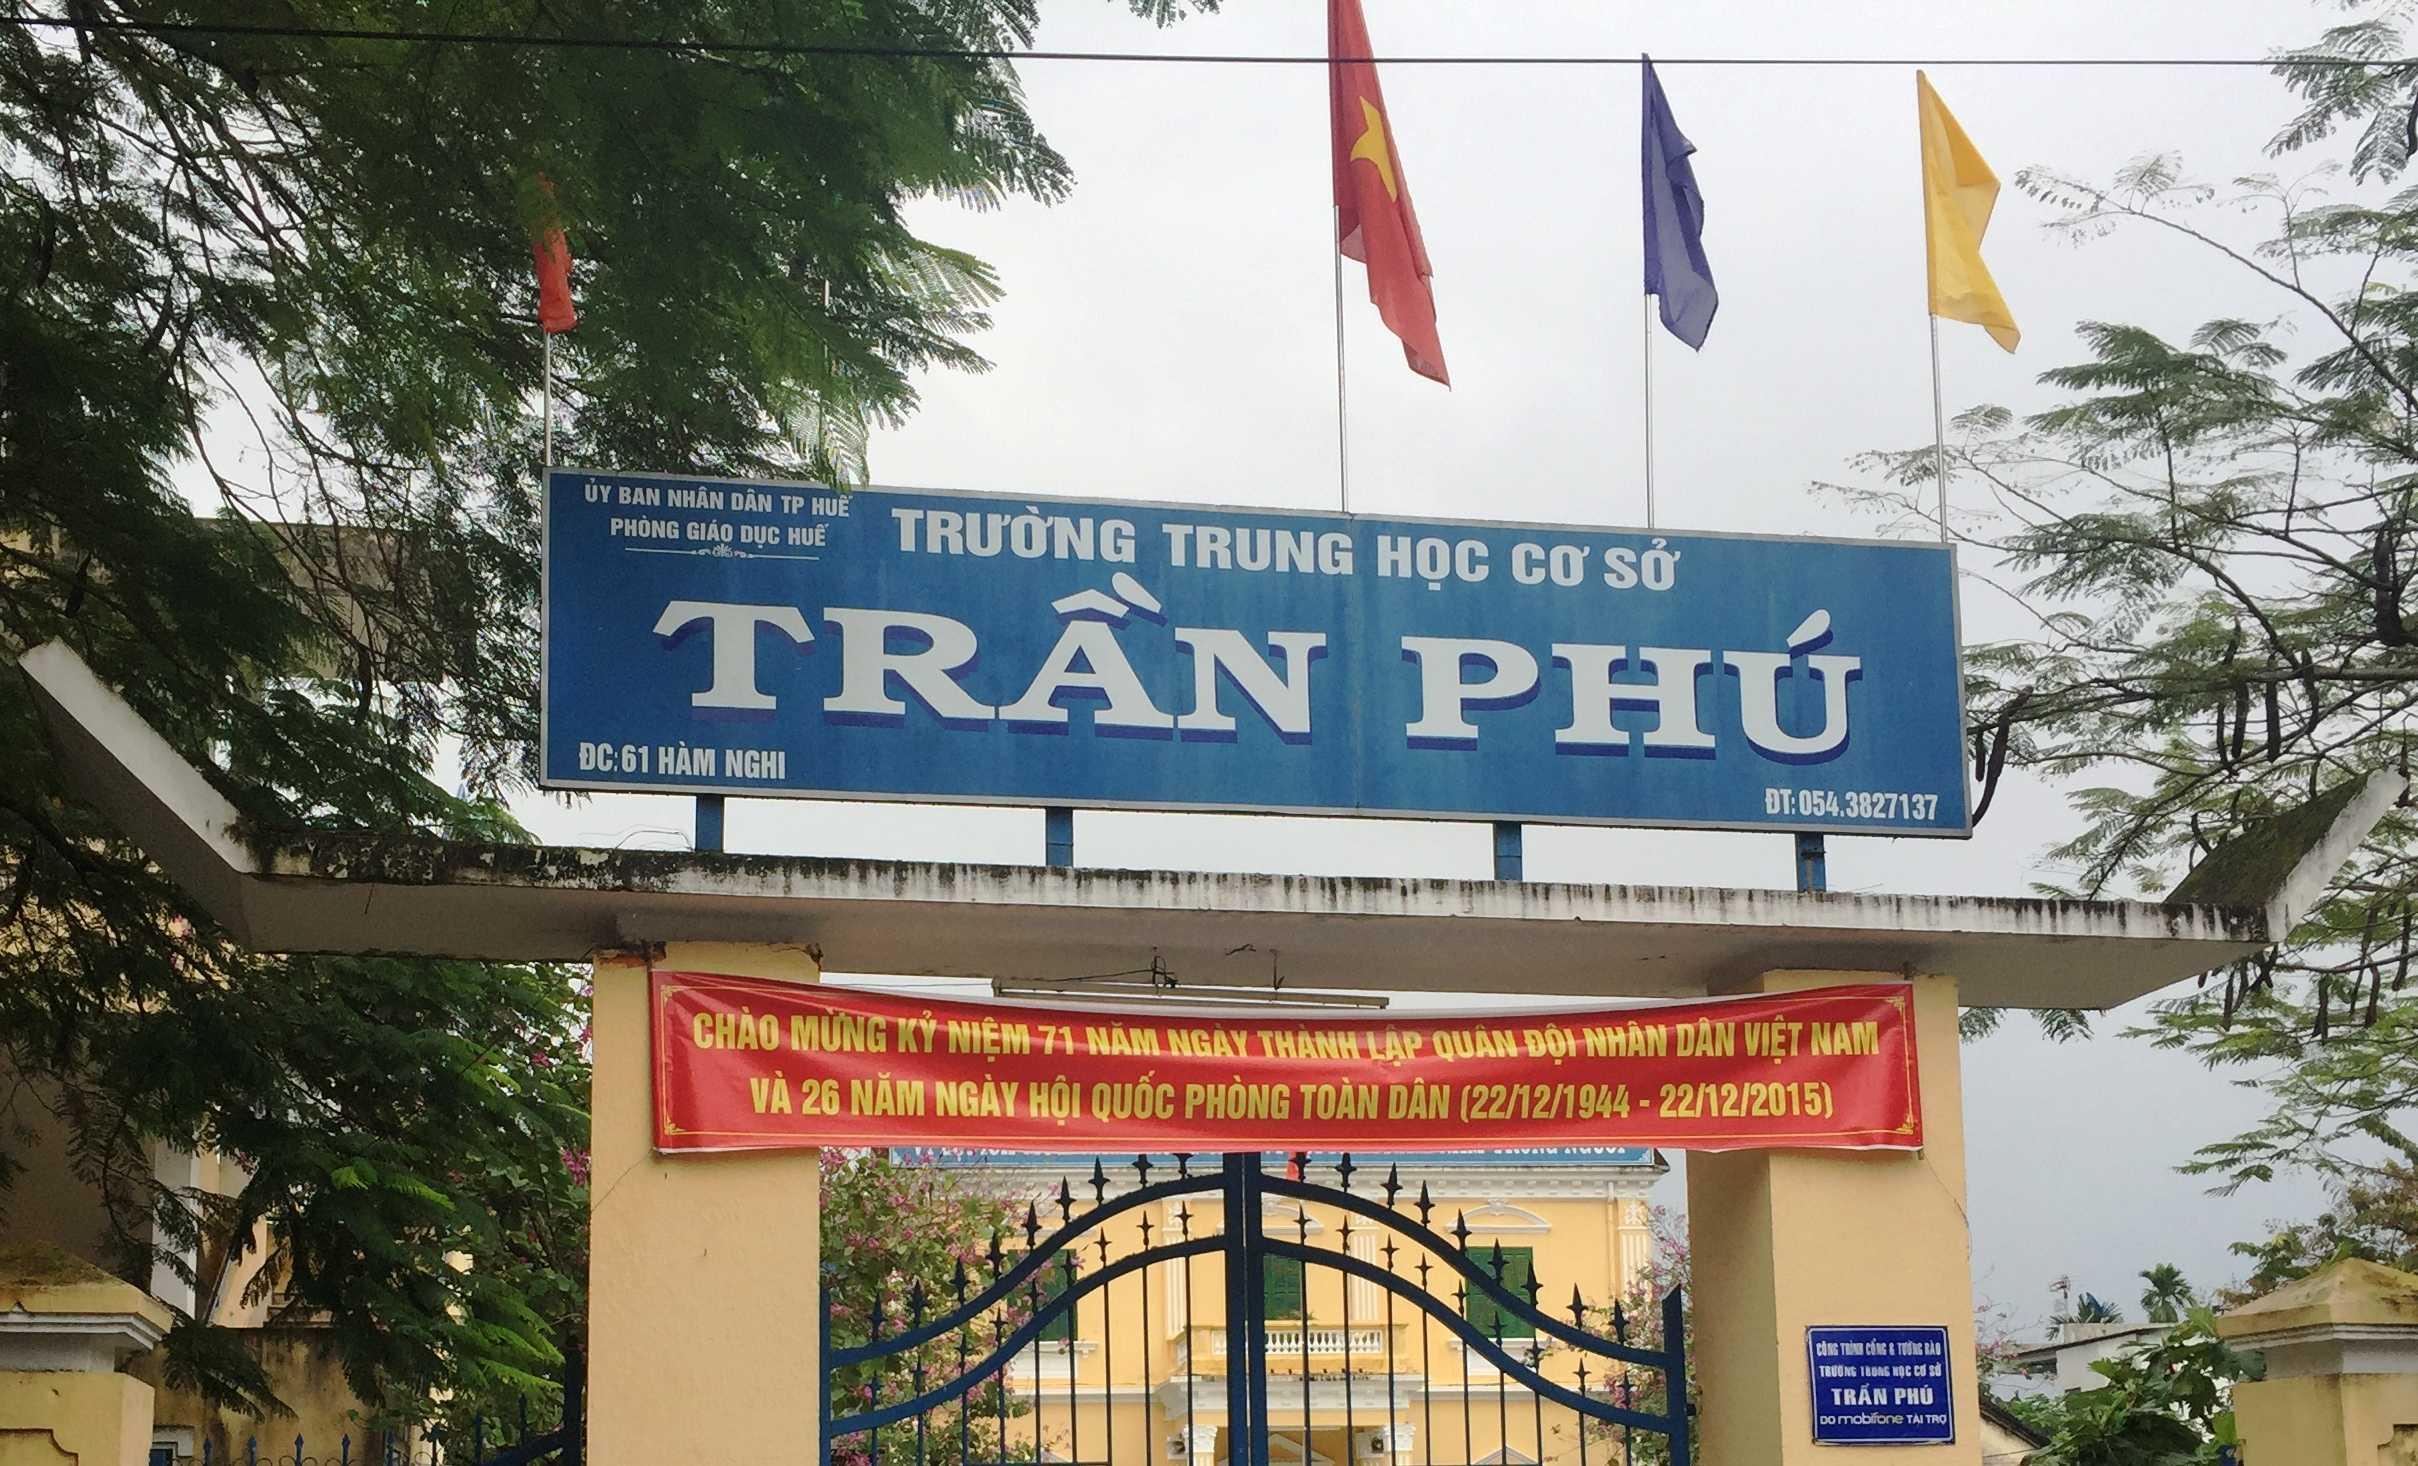 Cùng ngày xảy ra sự việc nhóm nữ sinh còn tiếp tục hành hung một nữ sinh cùng khối khác ngay tại trường THCS Trần Phú khiến em này sợ hãi phải làm đơn chuyển trưởng.